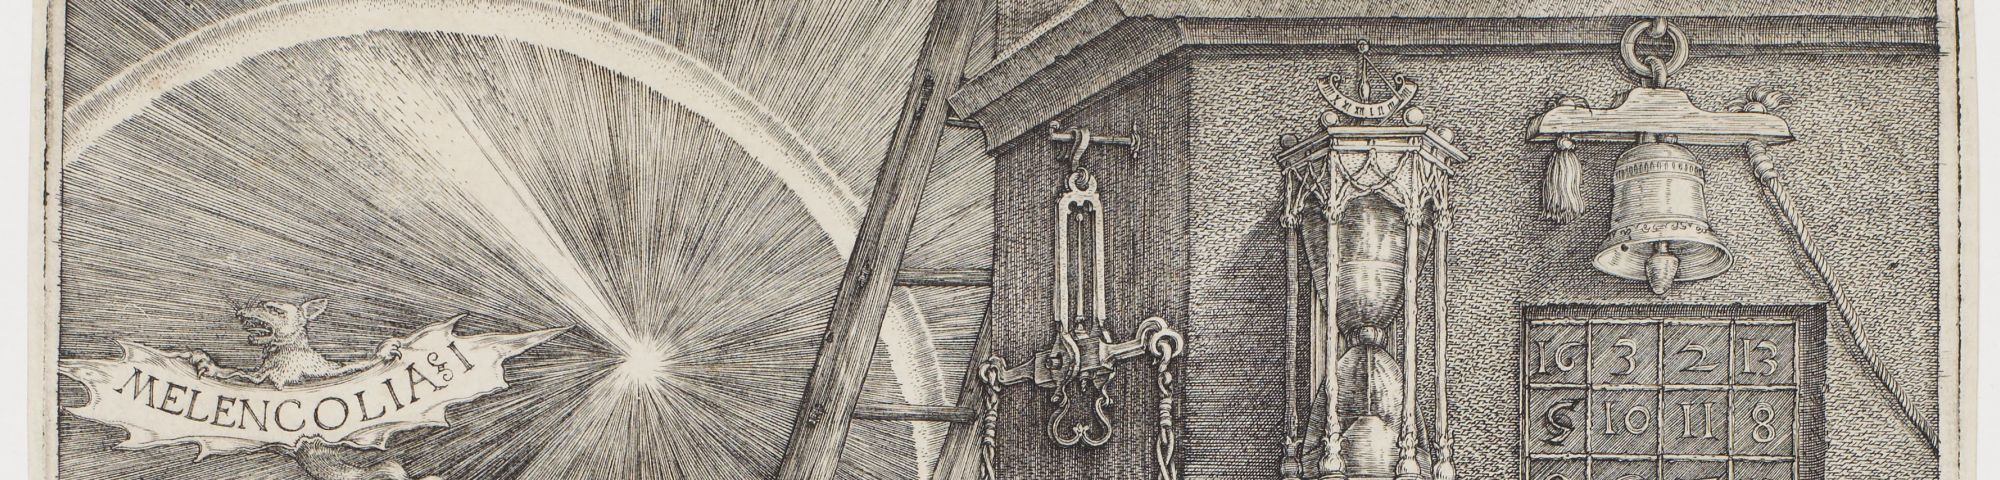 Melencolia I is a 1514 engraving by the German Renaissance artist Albrecht Dürer.